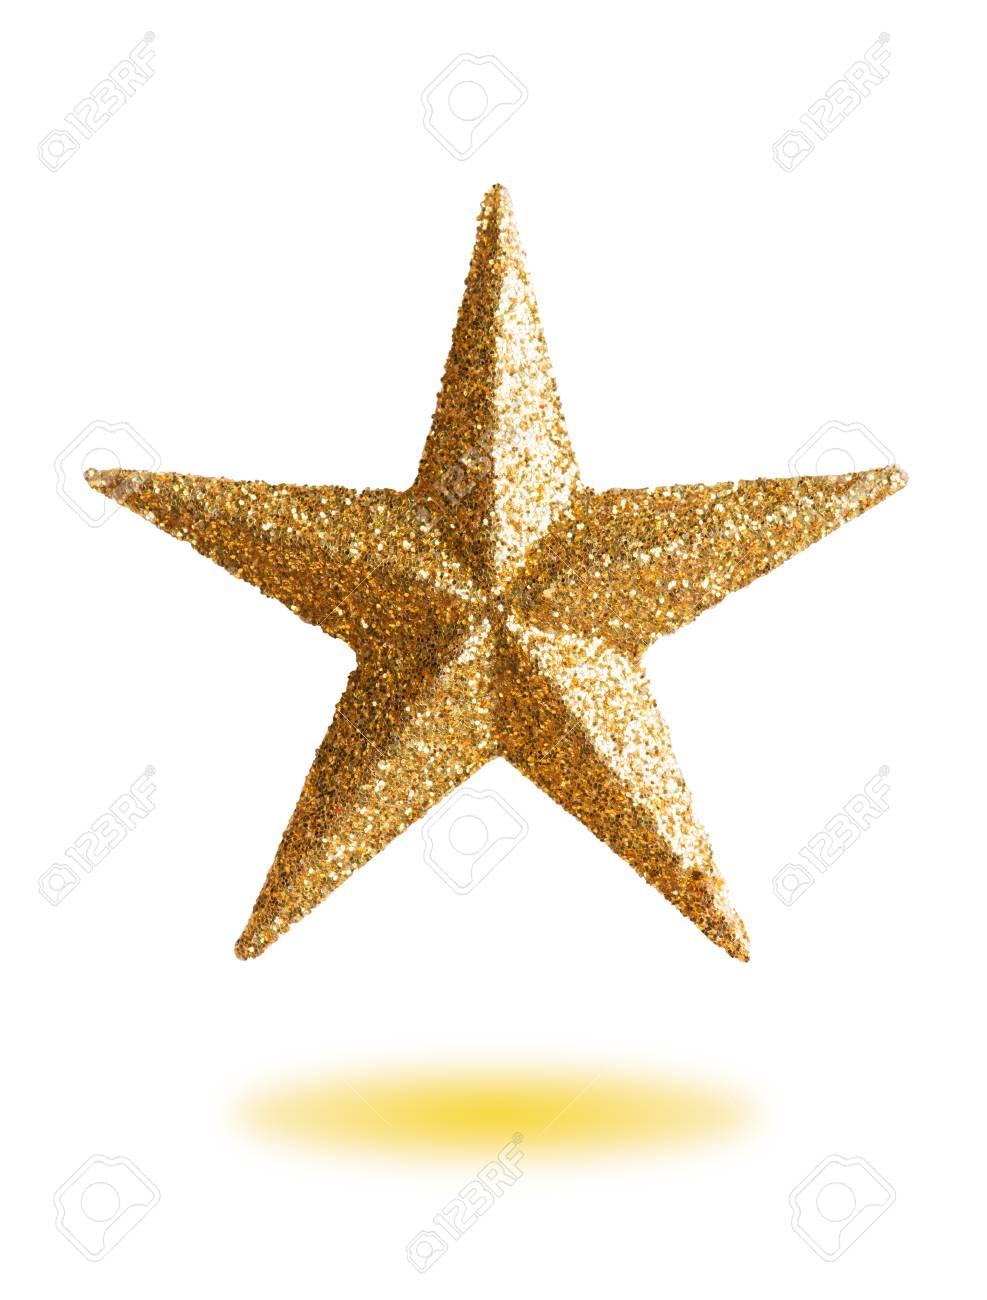 Estrellas De Navidad Para Decorar.Una Estrella Dorada Para Decorar Un Arbol De Navidad